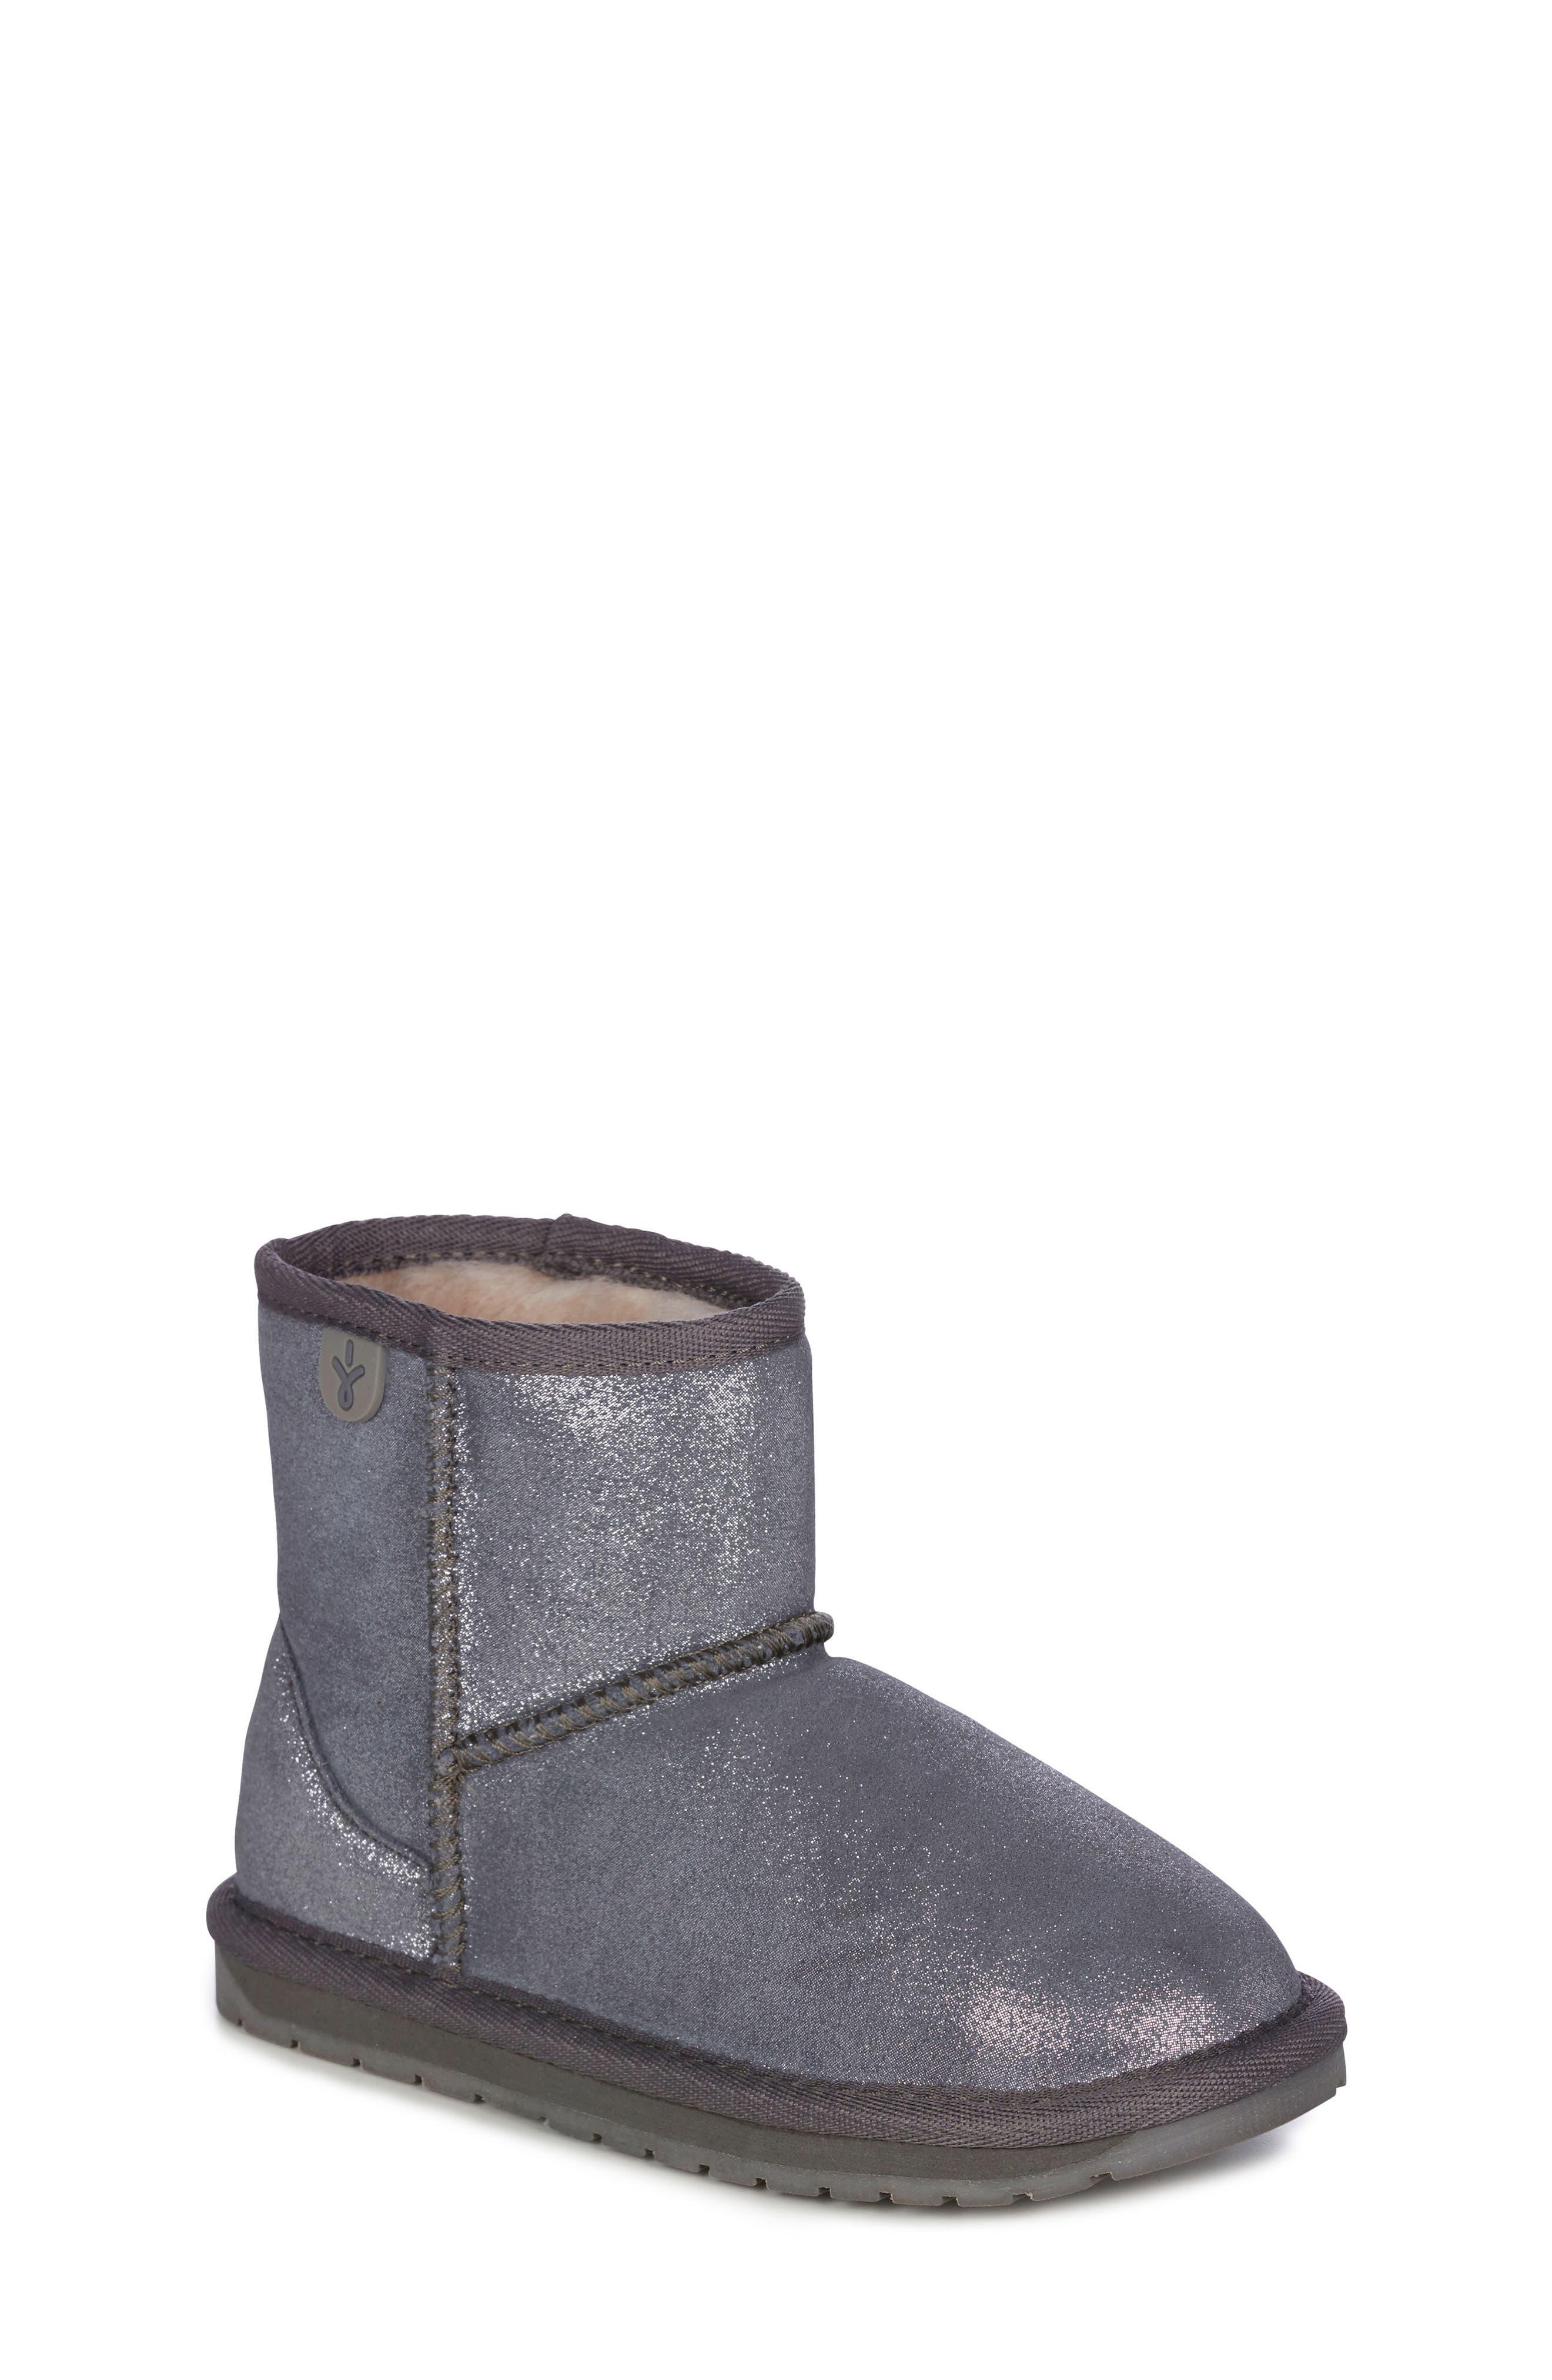 Wallaby Boot,                             Main thumbnail 1, color,                             METALLIC CHARCOAL